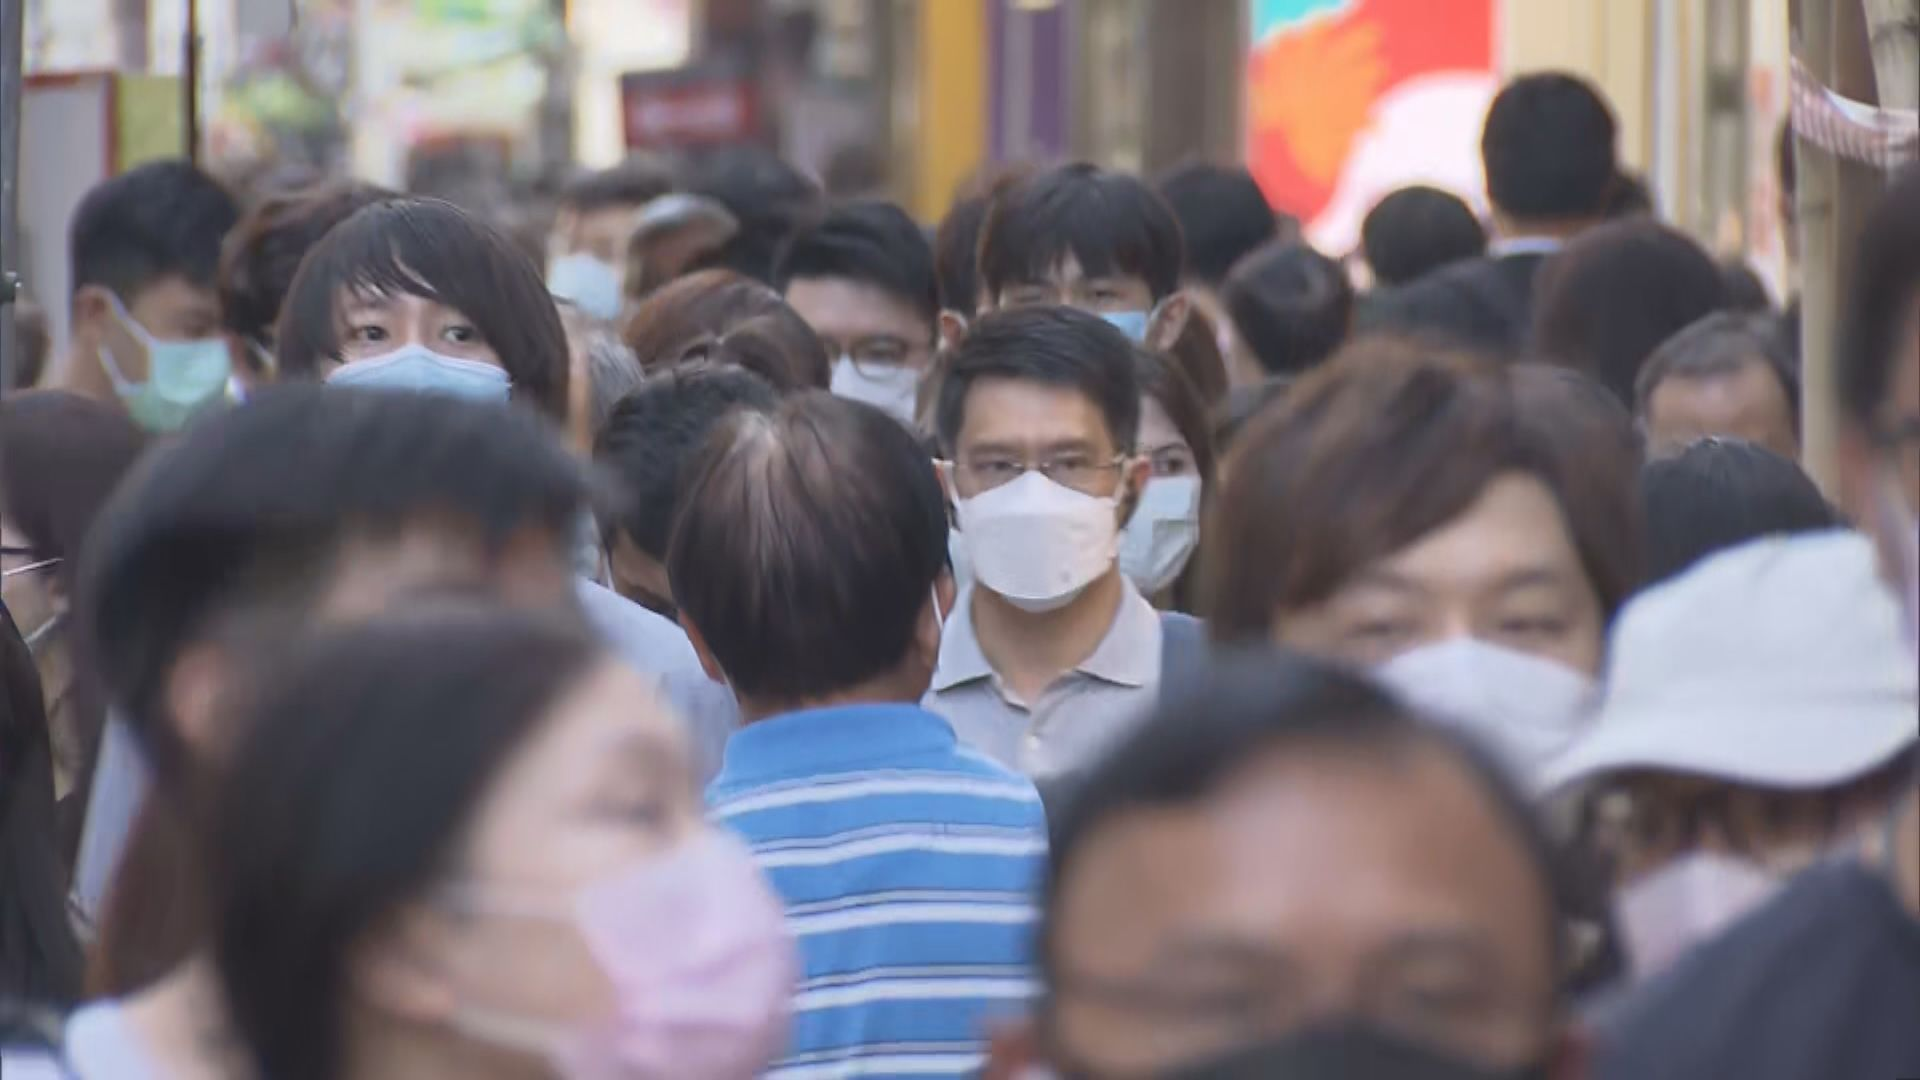 消息:本港新增約八宗確診 至少兩宗源頭不明